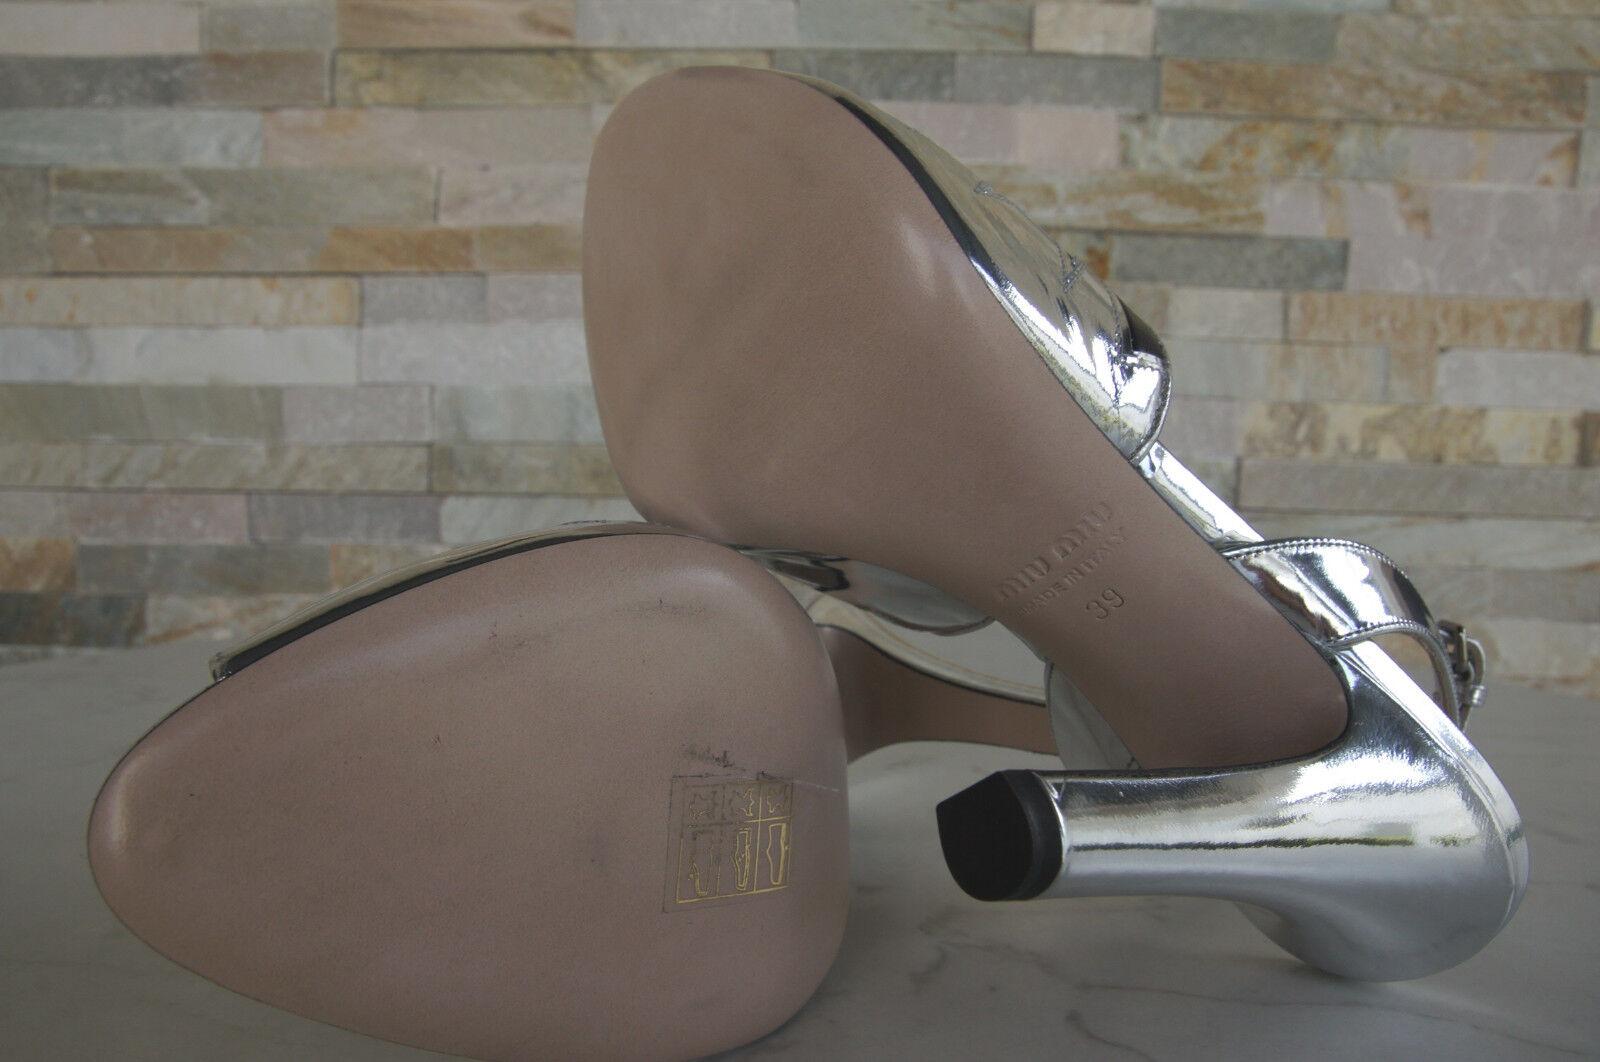 MIU Miu taglia 39 Sandali Sandali Sandali Tacco Alto Scarpe 5x315a argento nero NUOVO UVP 52e228